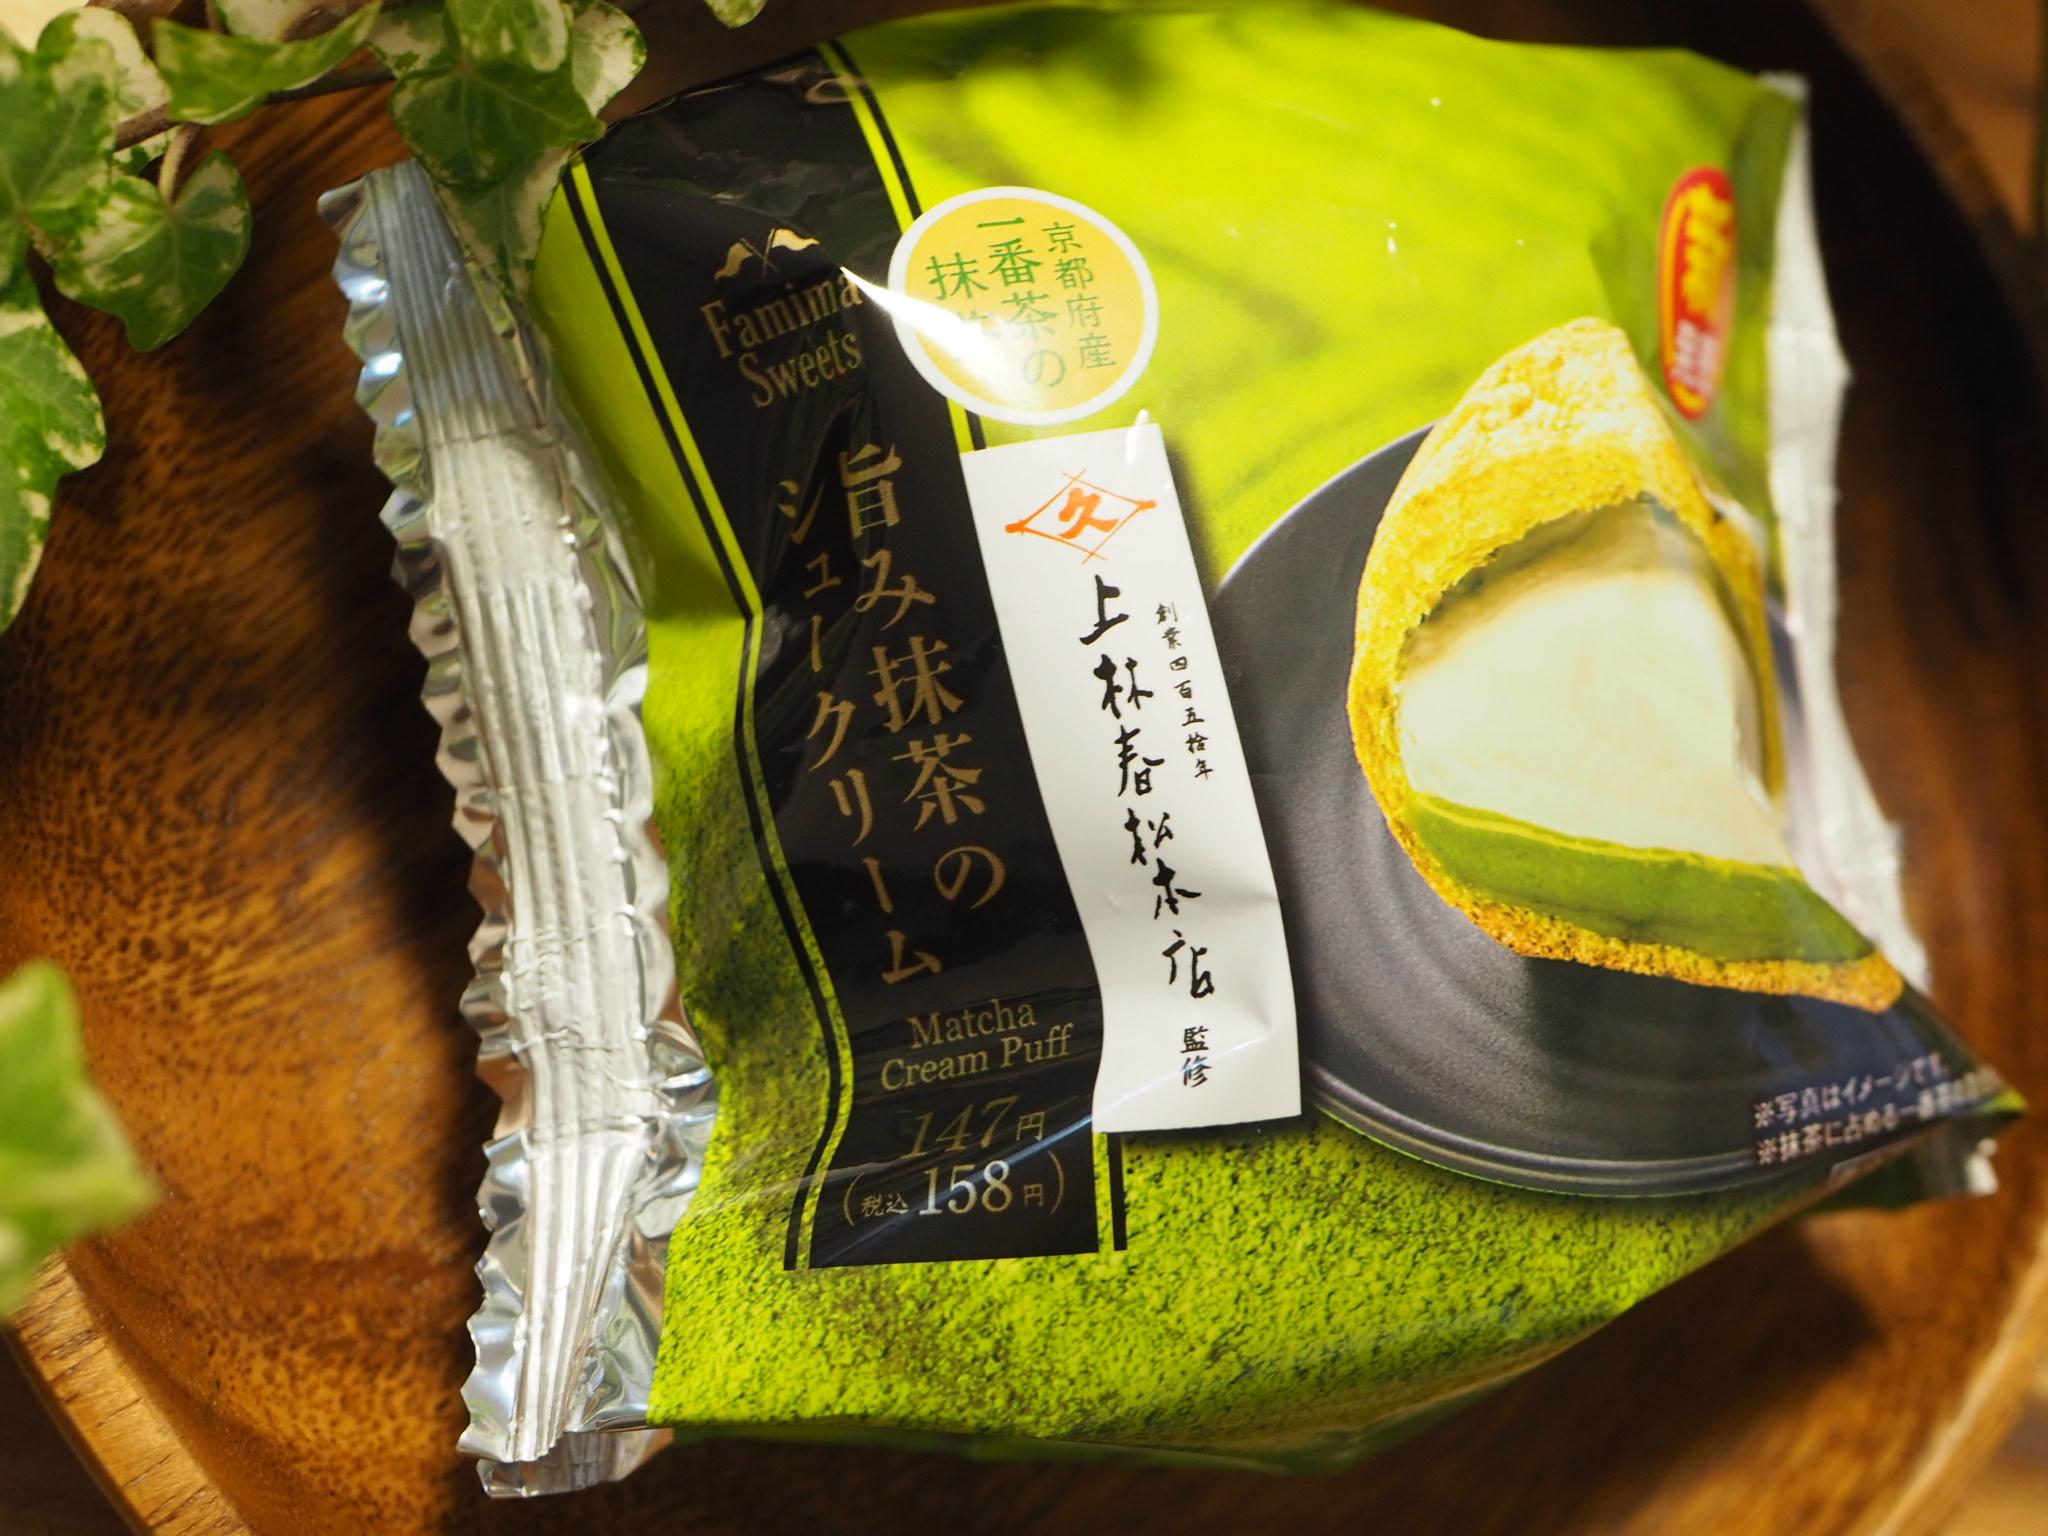 【おすすめ抹茶スイーツ】《ファミマ新商品》抹茶シュークリームが絶品!_2